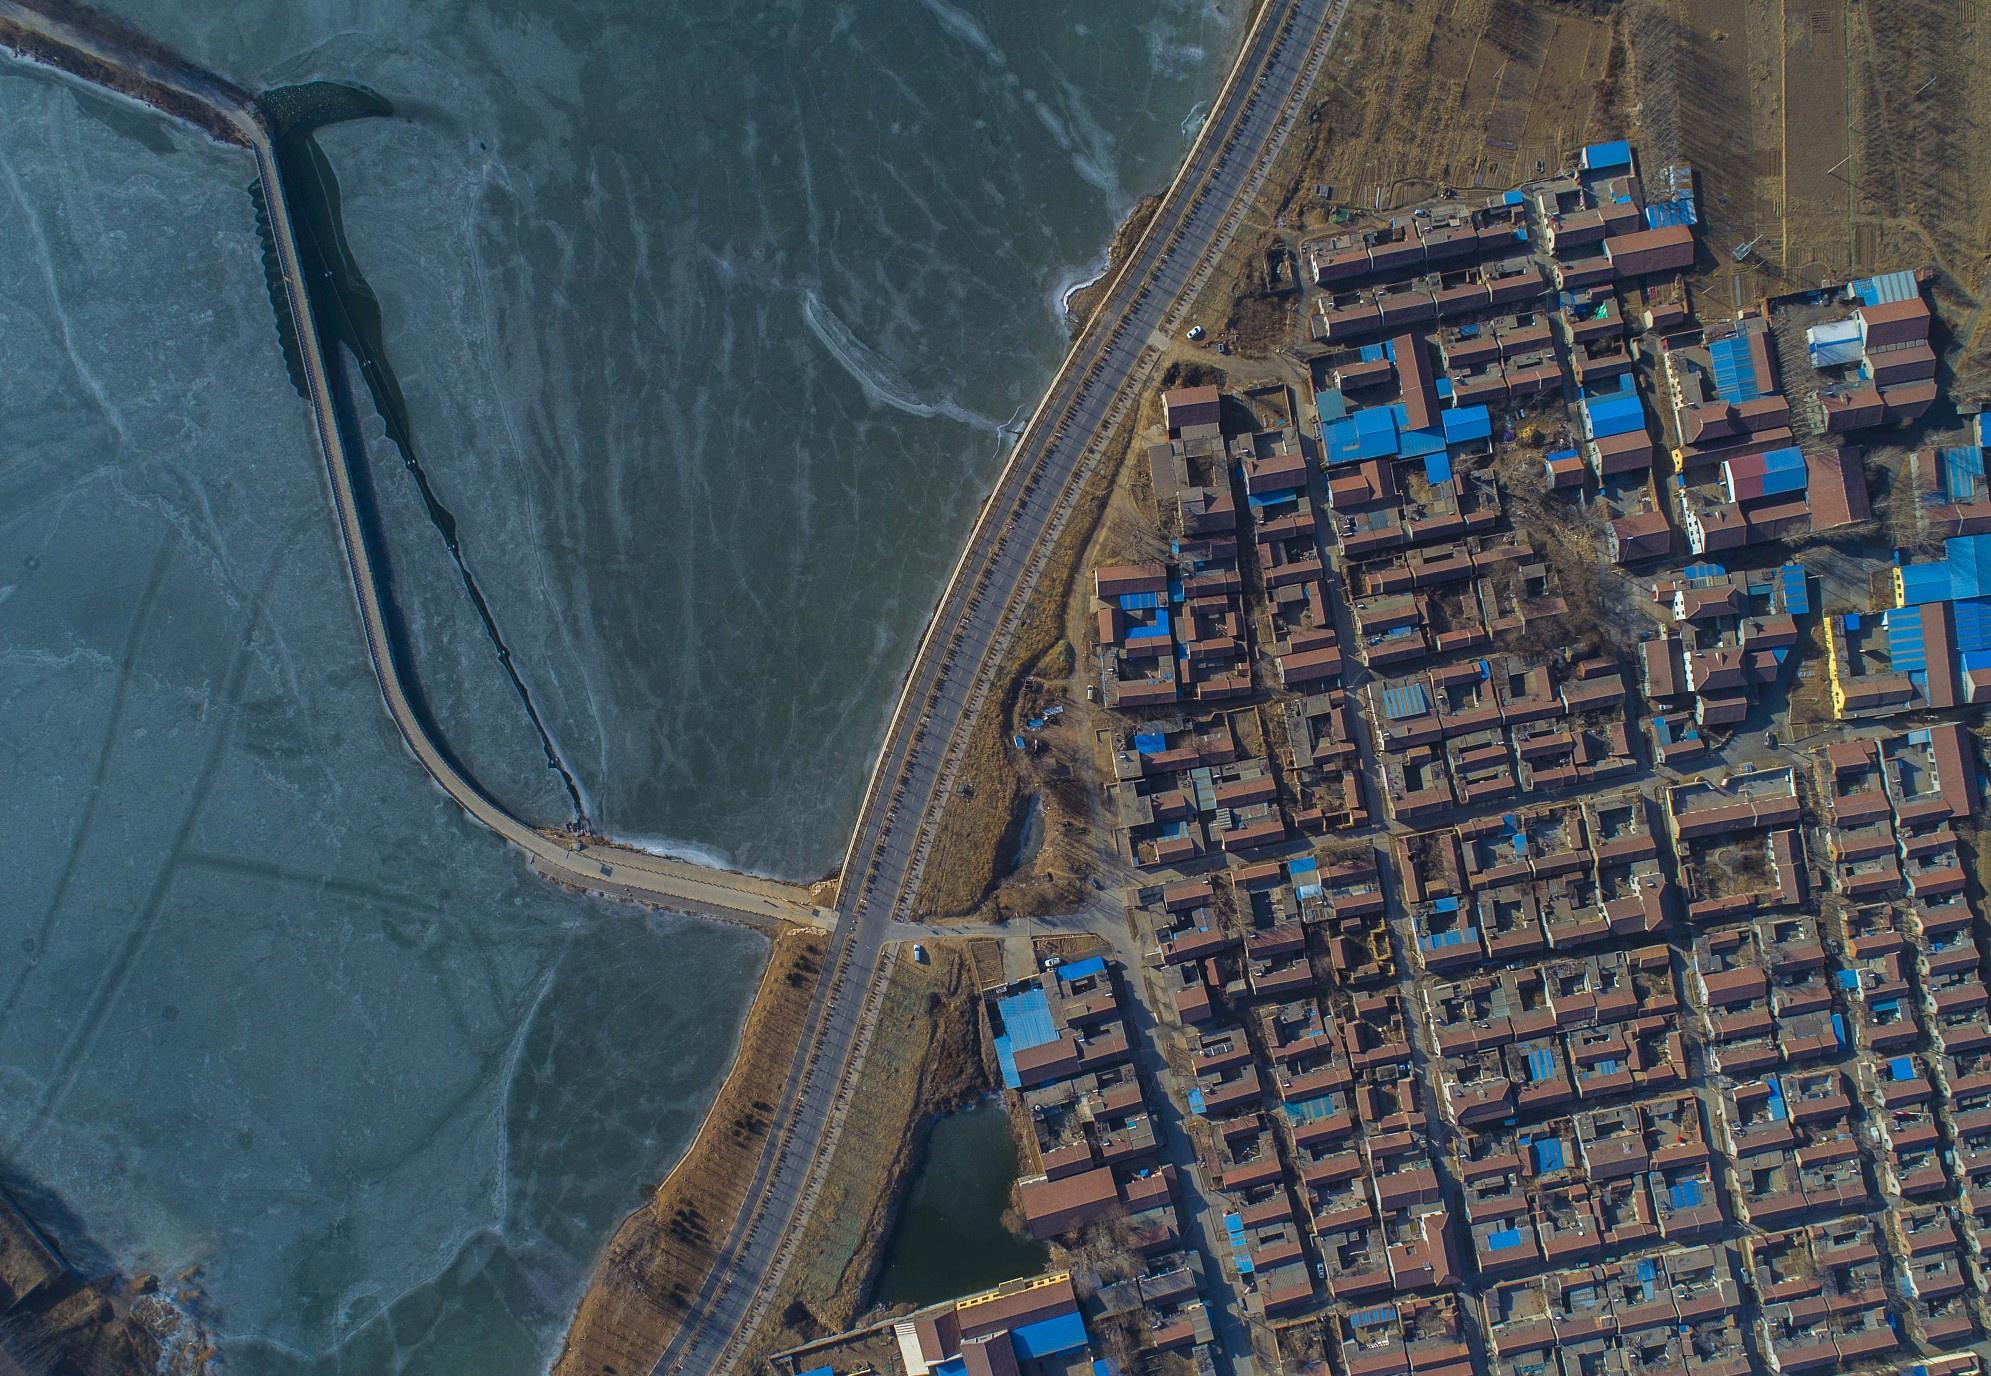 航拍淄博文昌湖 桥体蜿蜒曲折村庄宛如积木